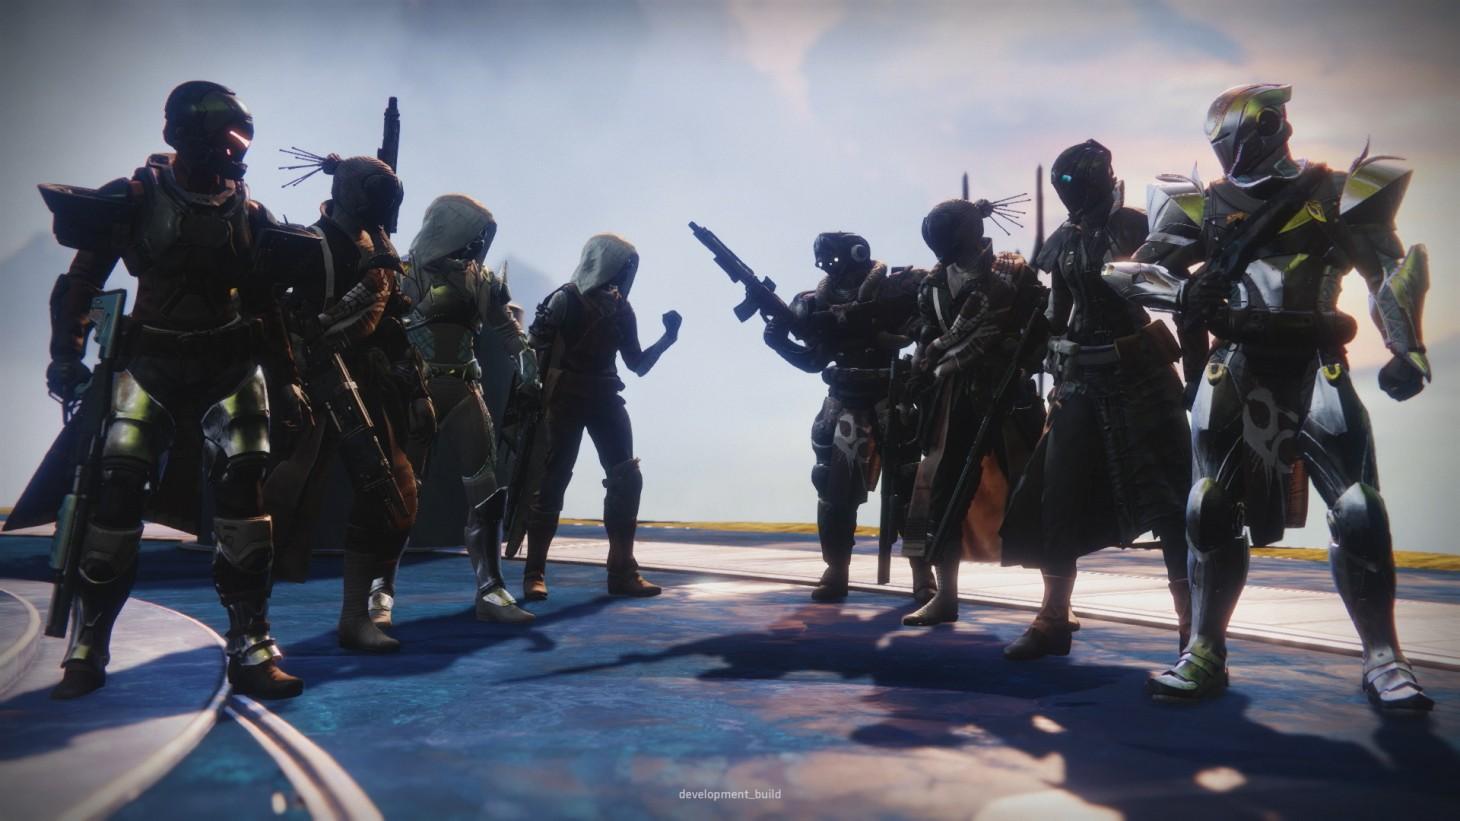 Destiny 2 belohnt bald Skill im PvP: Wer besser spielt, steigt schneller auf